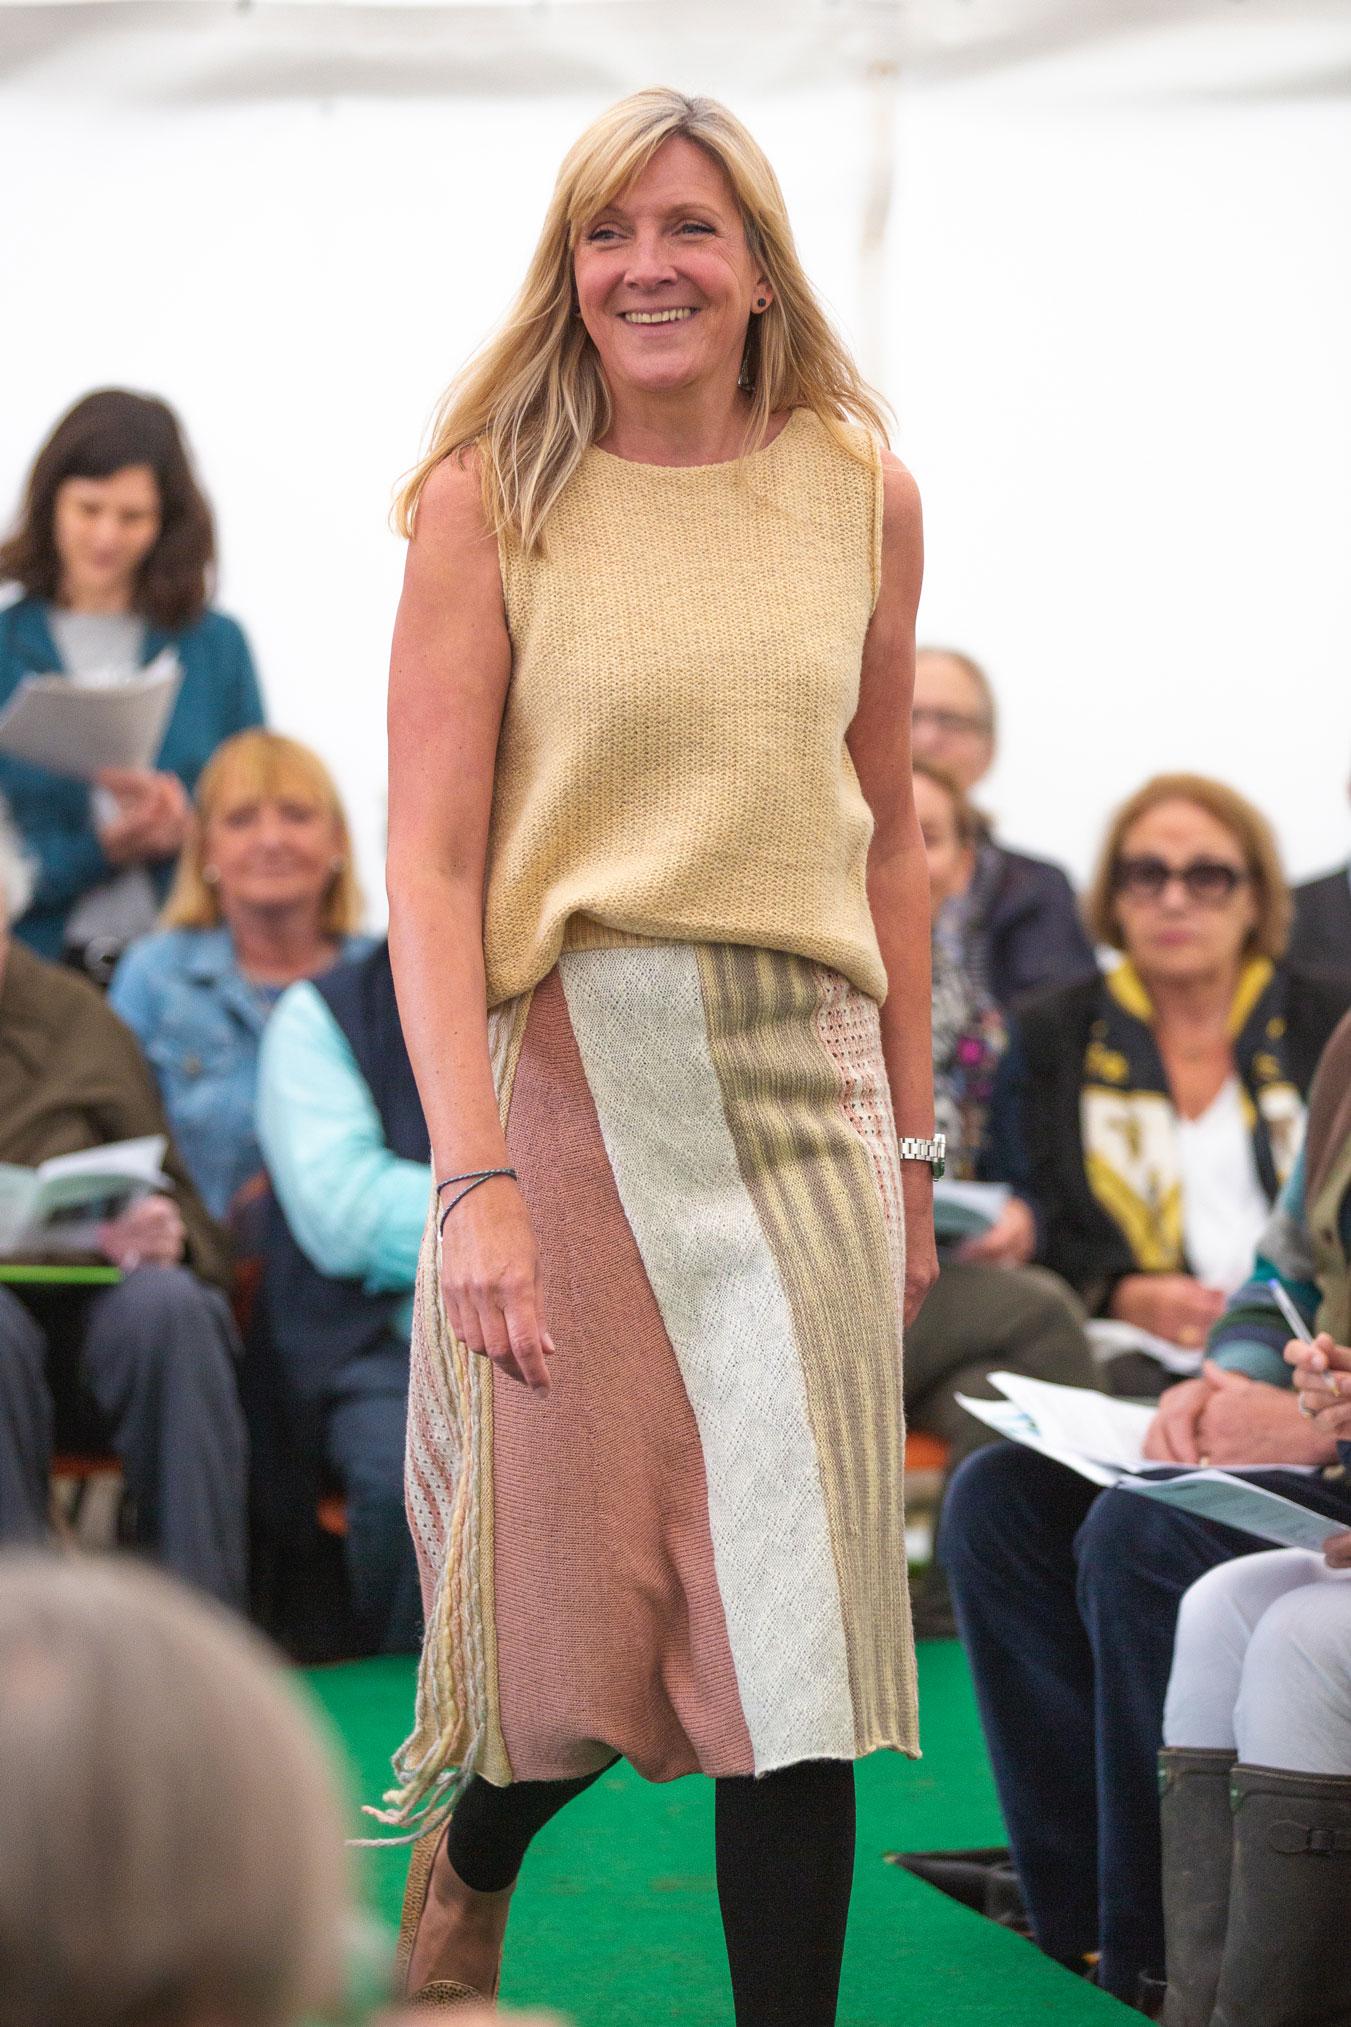 ria-burns-knitwear-fresh-air-fashion-2019-bermagui-dress-2.jpg